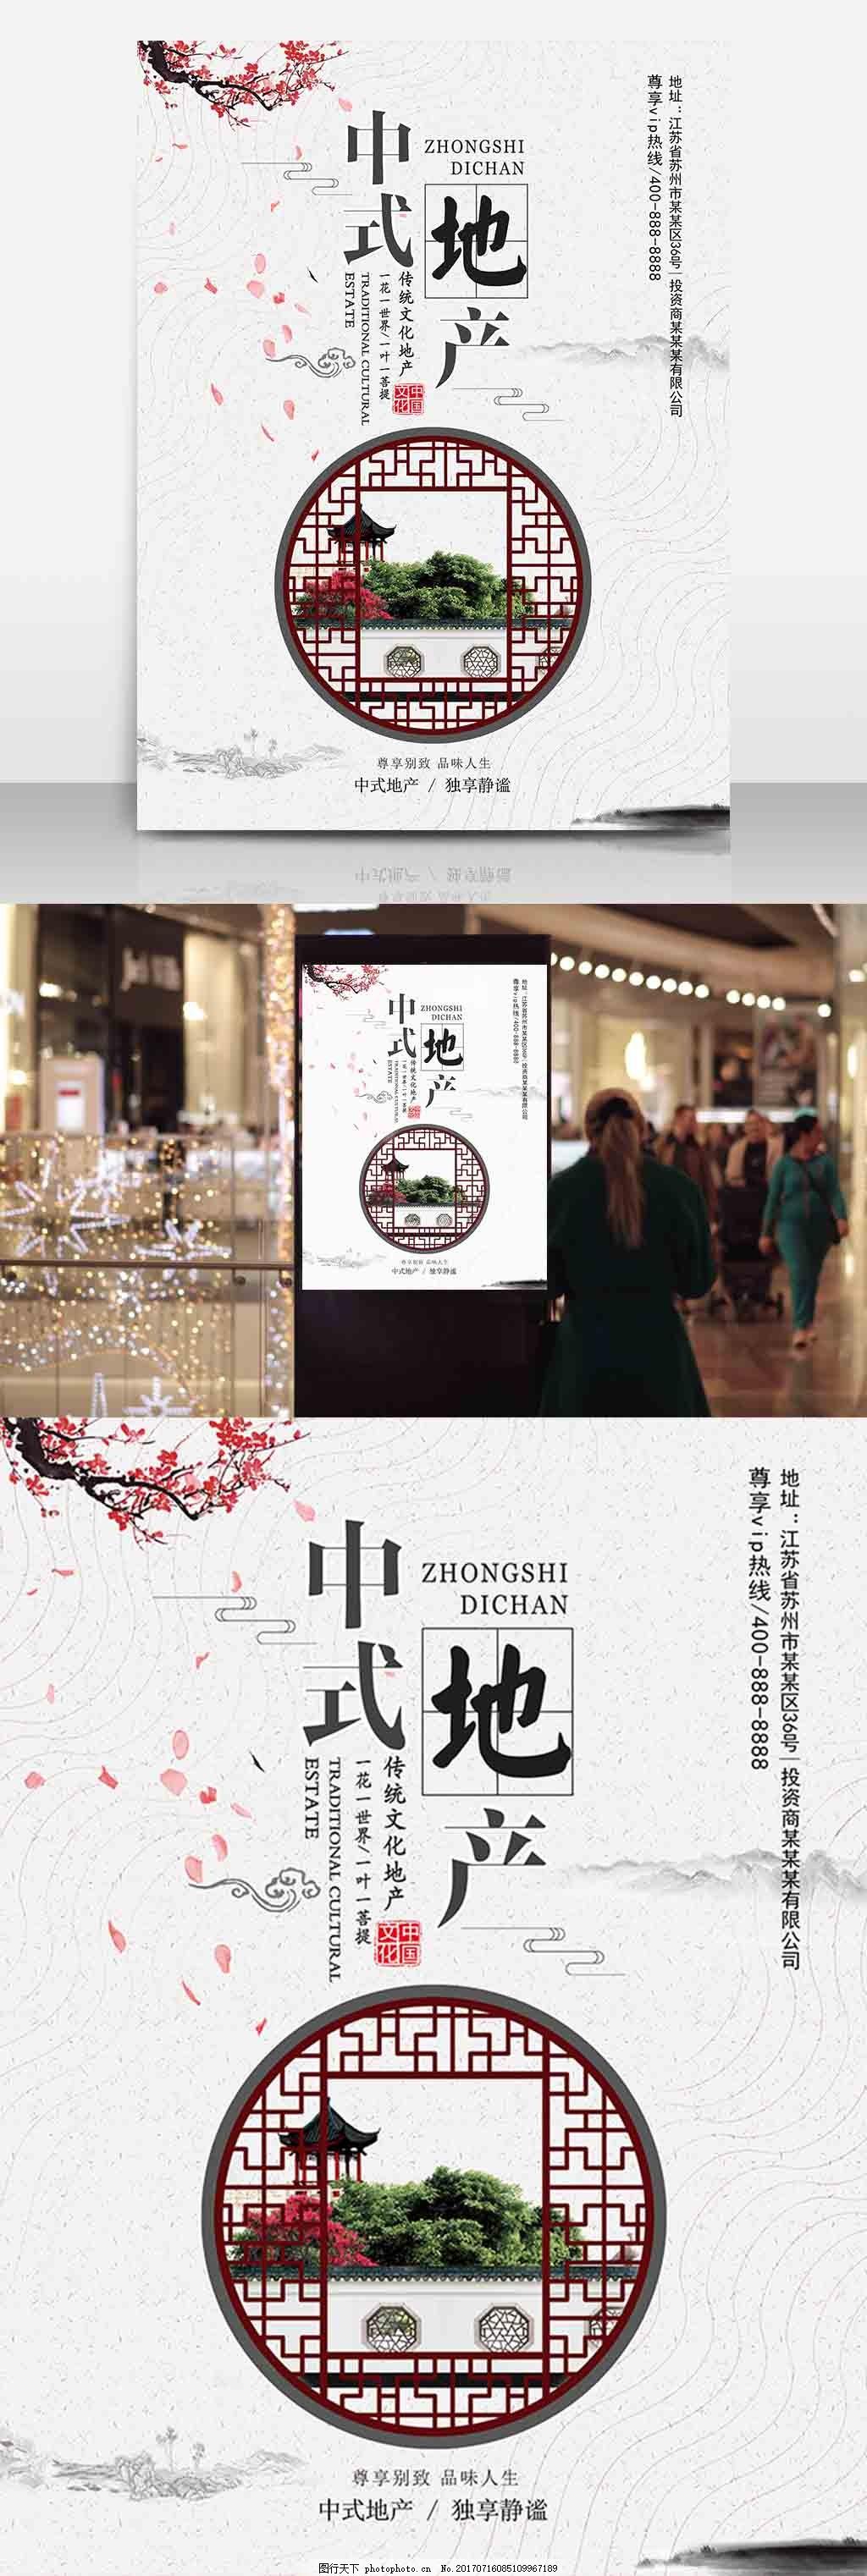 水墨风中式地产宣传海报设计 中式房地产 江南地产 中国风水墨背景